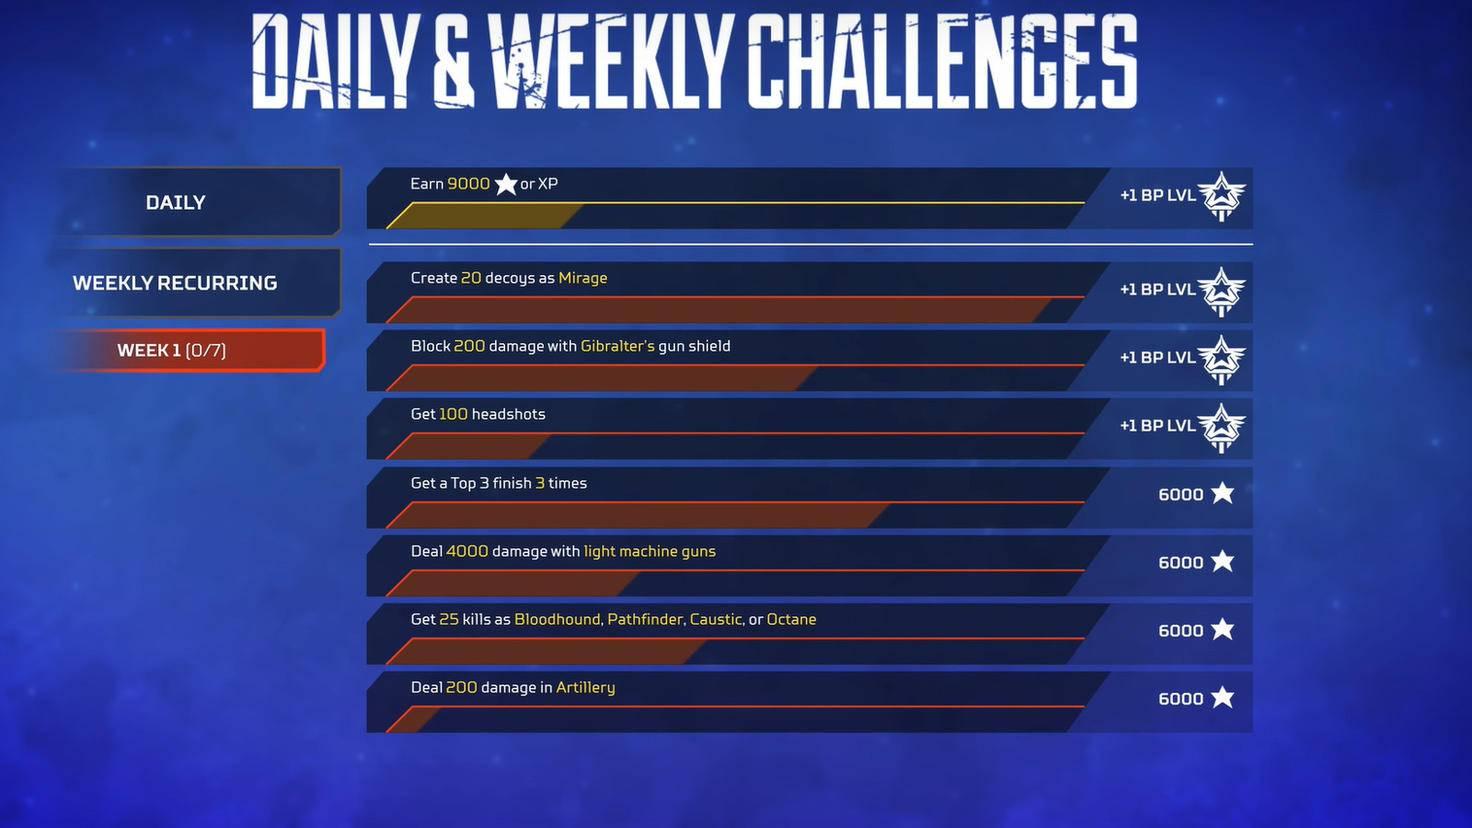 """Beispiel-Bild: So sehen die Herausforderungen in """"Apex Legends"""" aus."""